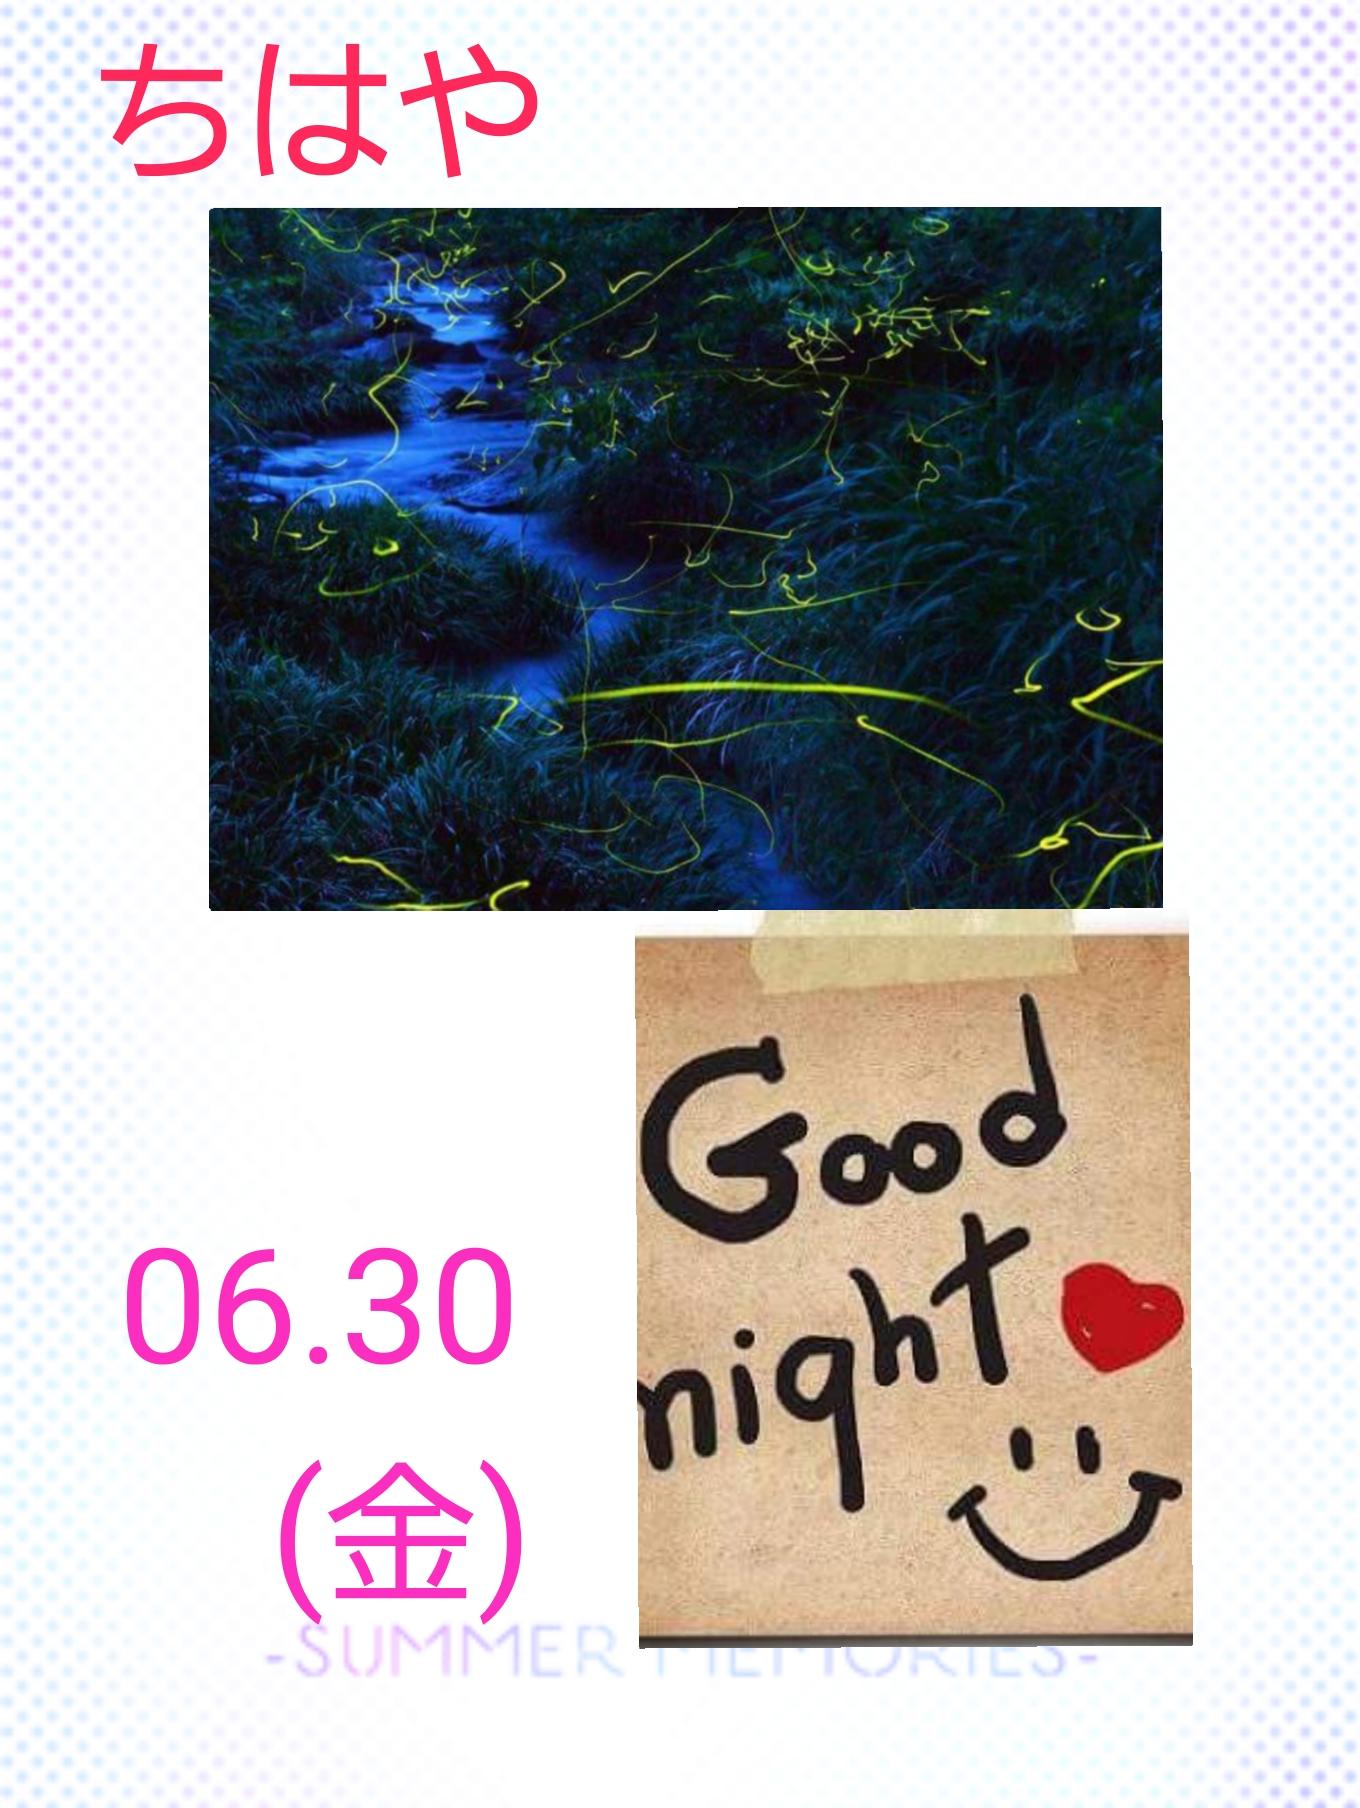 川久保 ちはや 06/30 00:18 こんばんわ